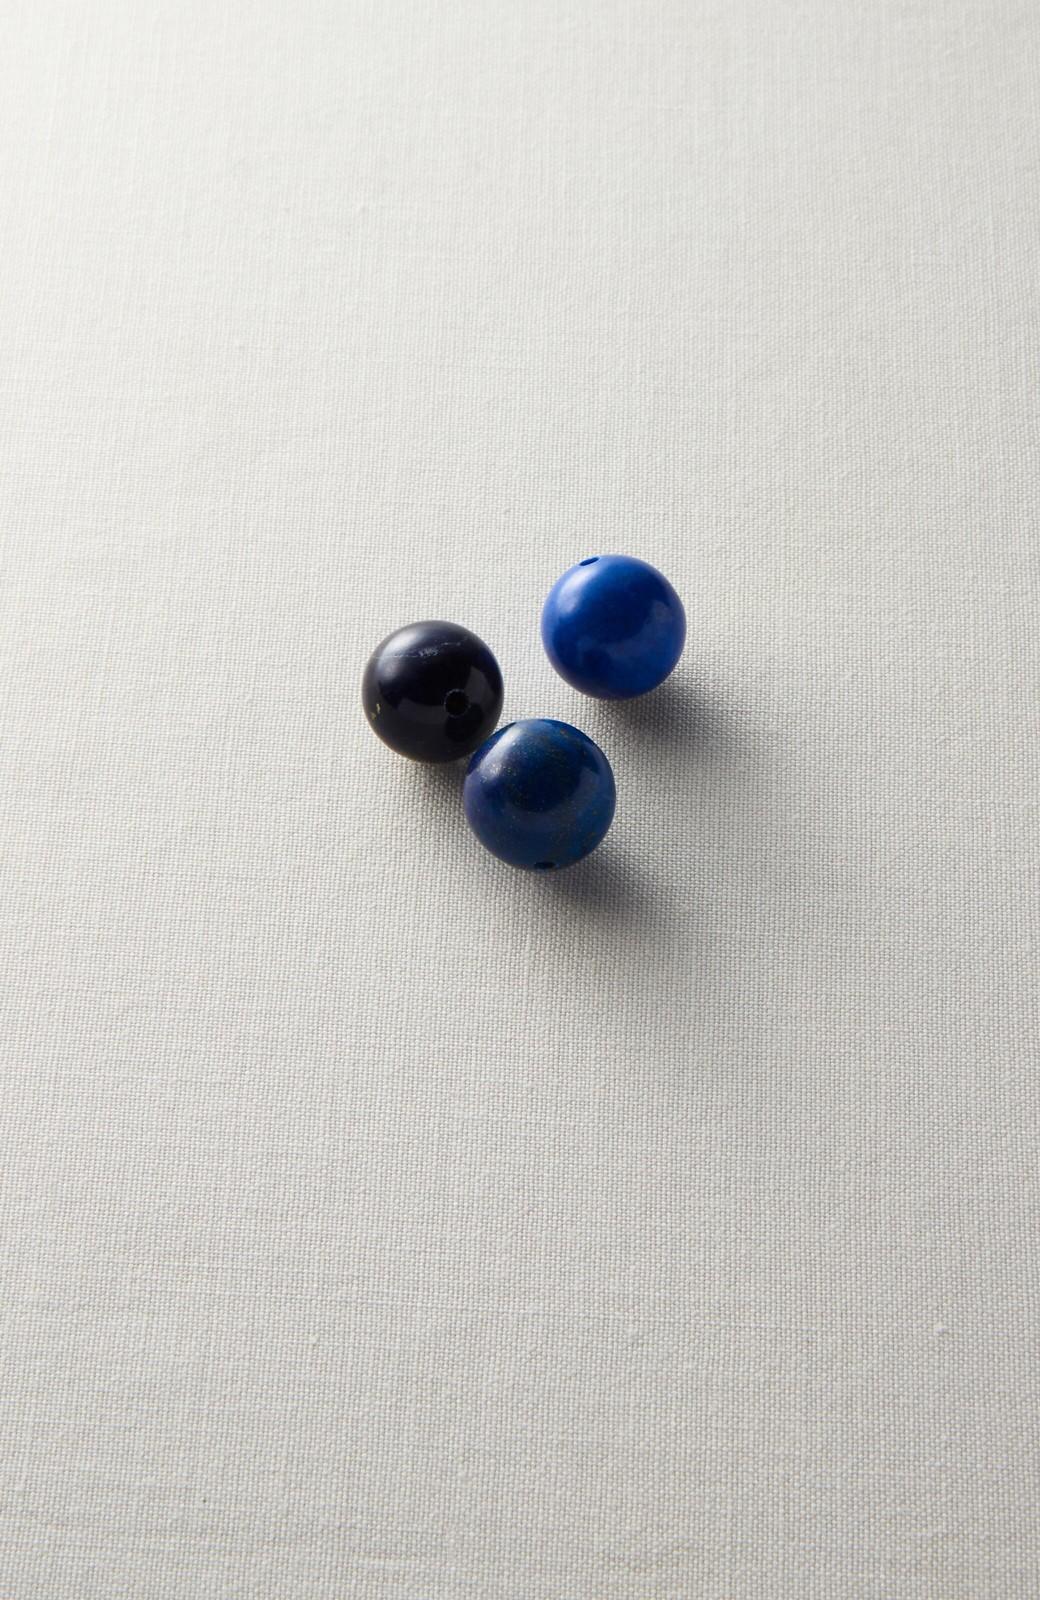 haco! <高橋愛さんコラボ>ラブ&ピースプロジェクト ラピスラズリのフープイヤーアクセ <ブルー>の商品写真4